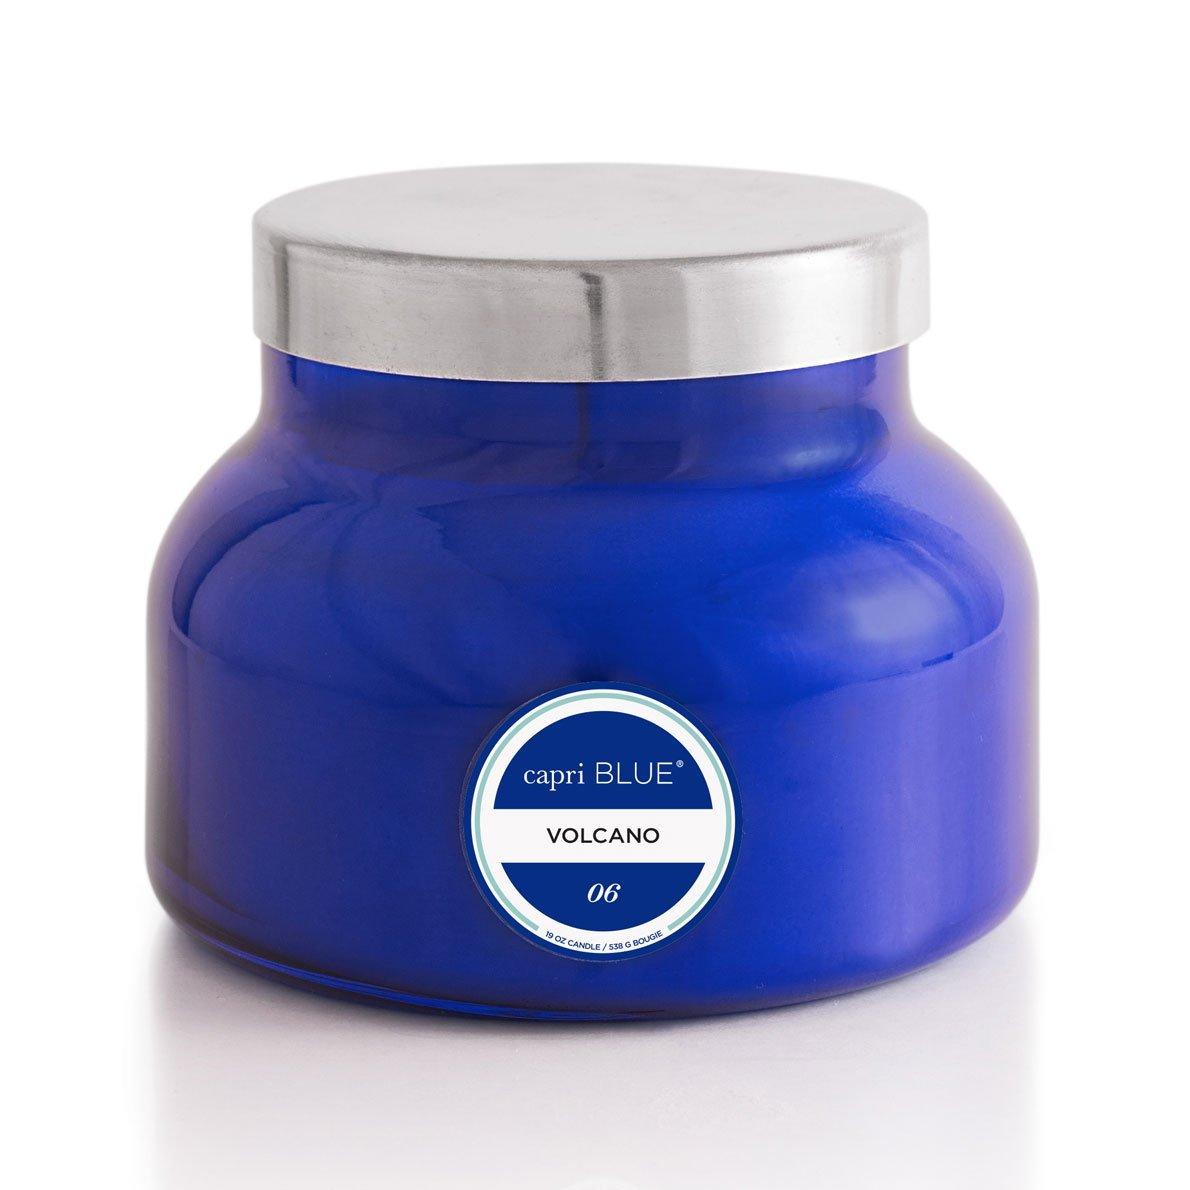 Capri Blue Volcano Candle, 19 oz (503) by Capri Blue (Image #1)